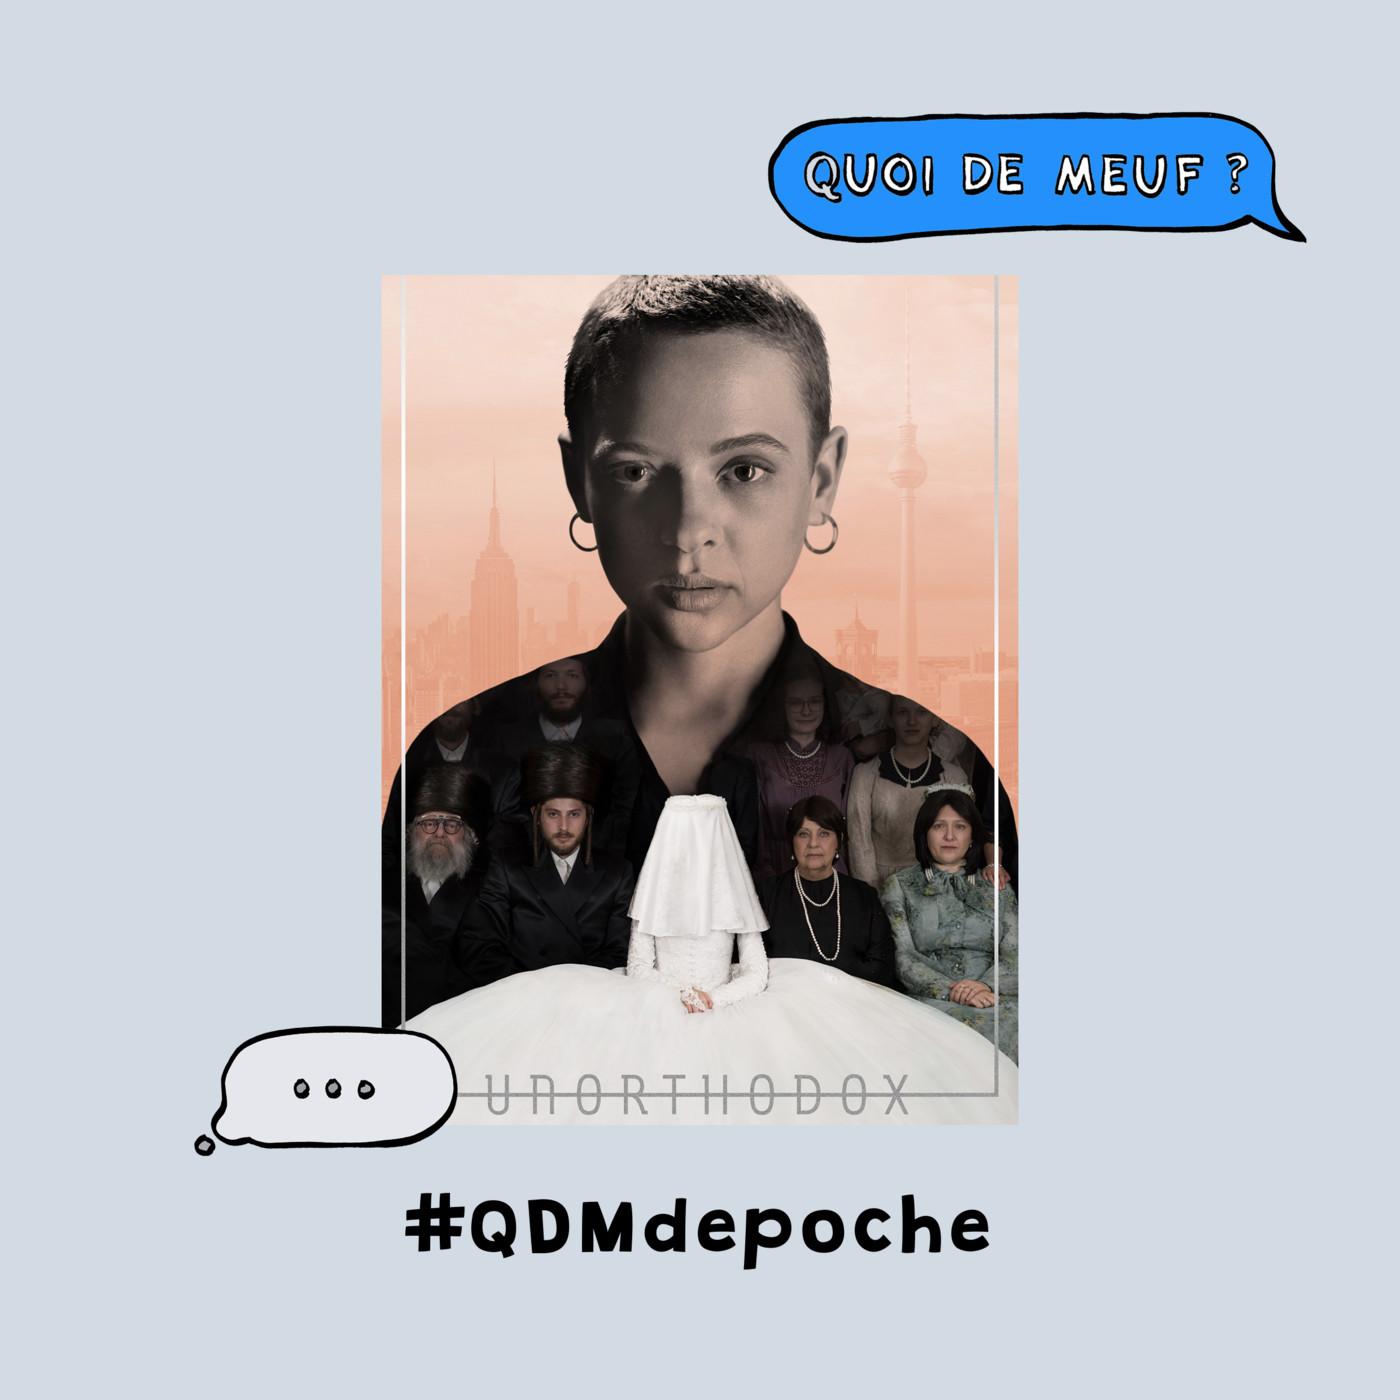 """#88 - QDM de Poche - La série """"Unorthodox"""" d'Anna Winger et Alexa Karolinski - (doublé en français)"""